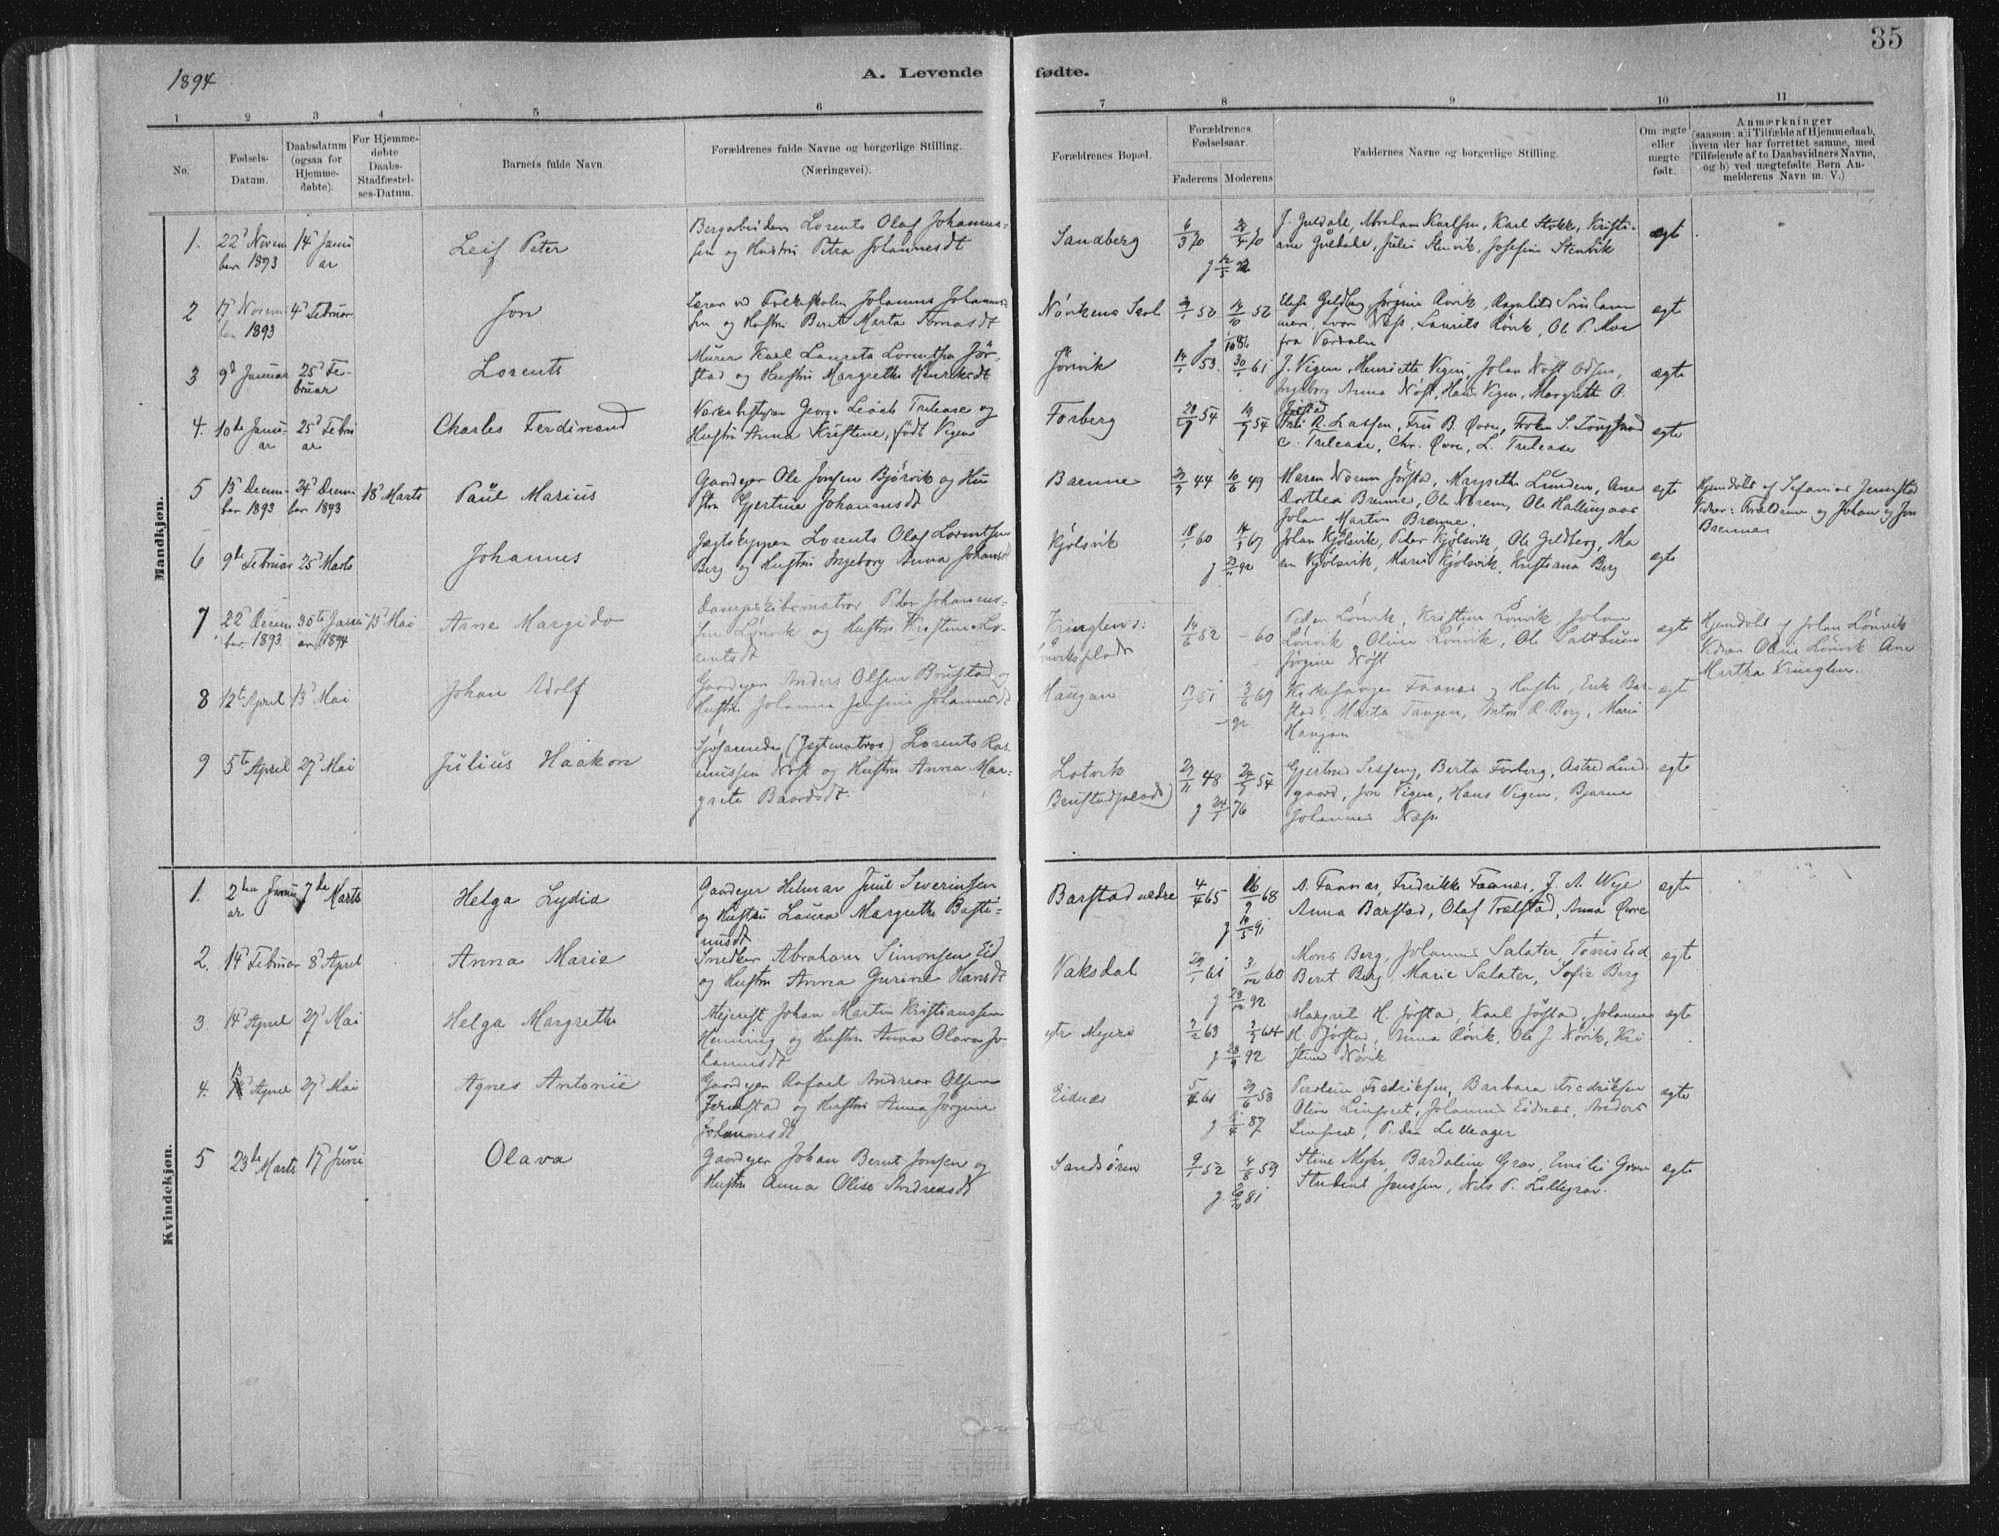 SAT, Ministerialprotokoller, klokkerbøker og fødselsregistre - Nord-Trøndelag, 722/L0220: Ministerialbok nr. 722A07, 1881-1908, s. 35